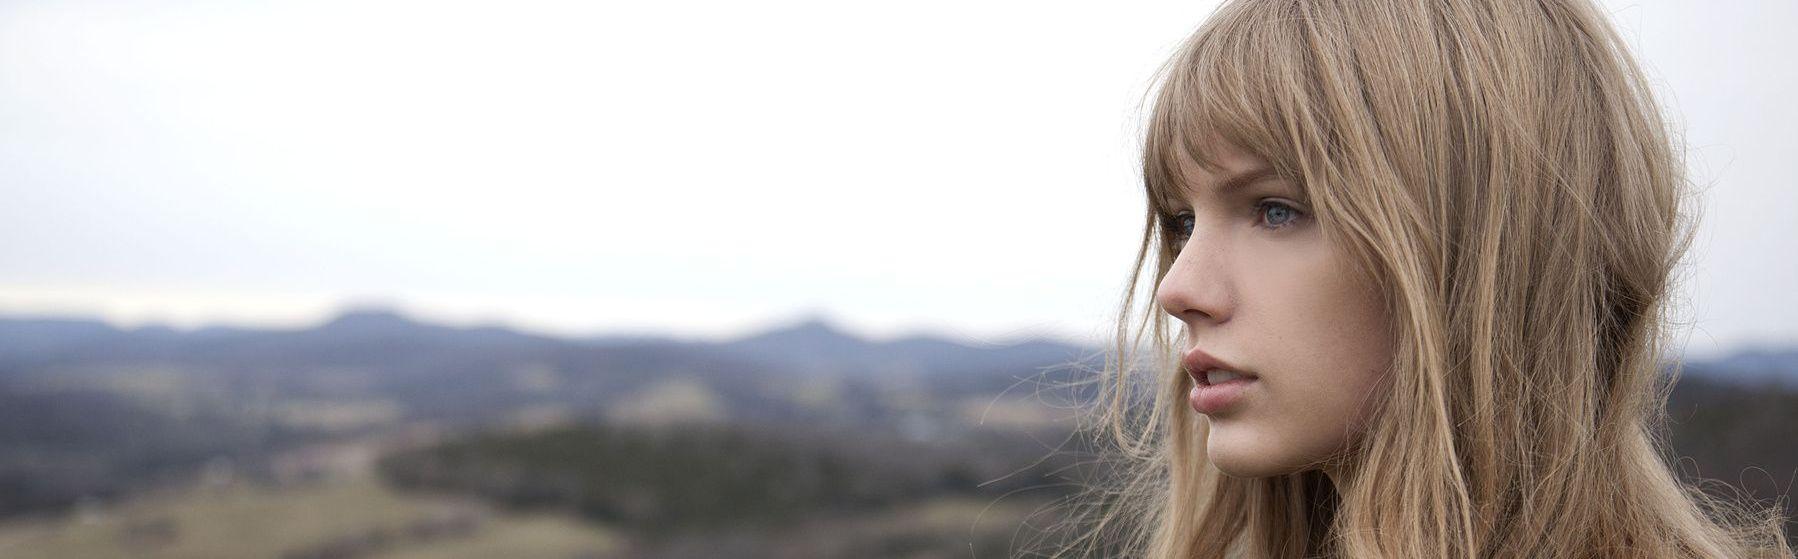 Taylor Swift No Makeup Safe And Sound Saubhaya Makeup